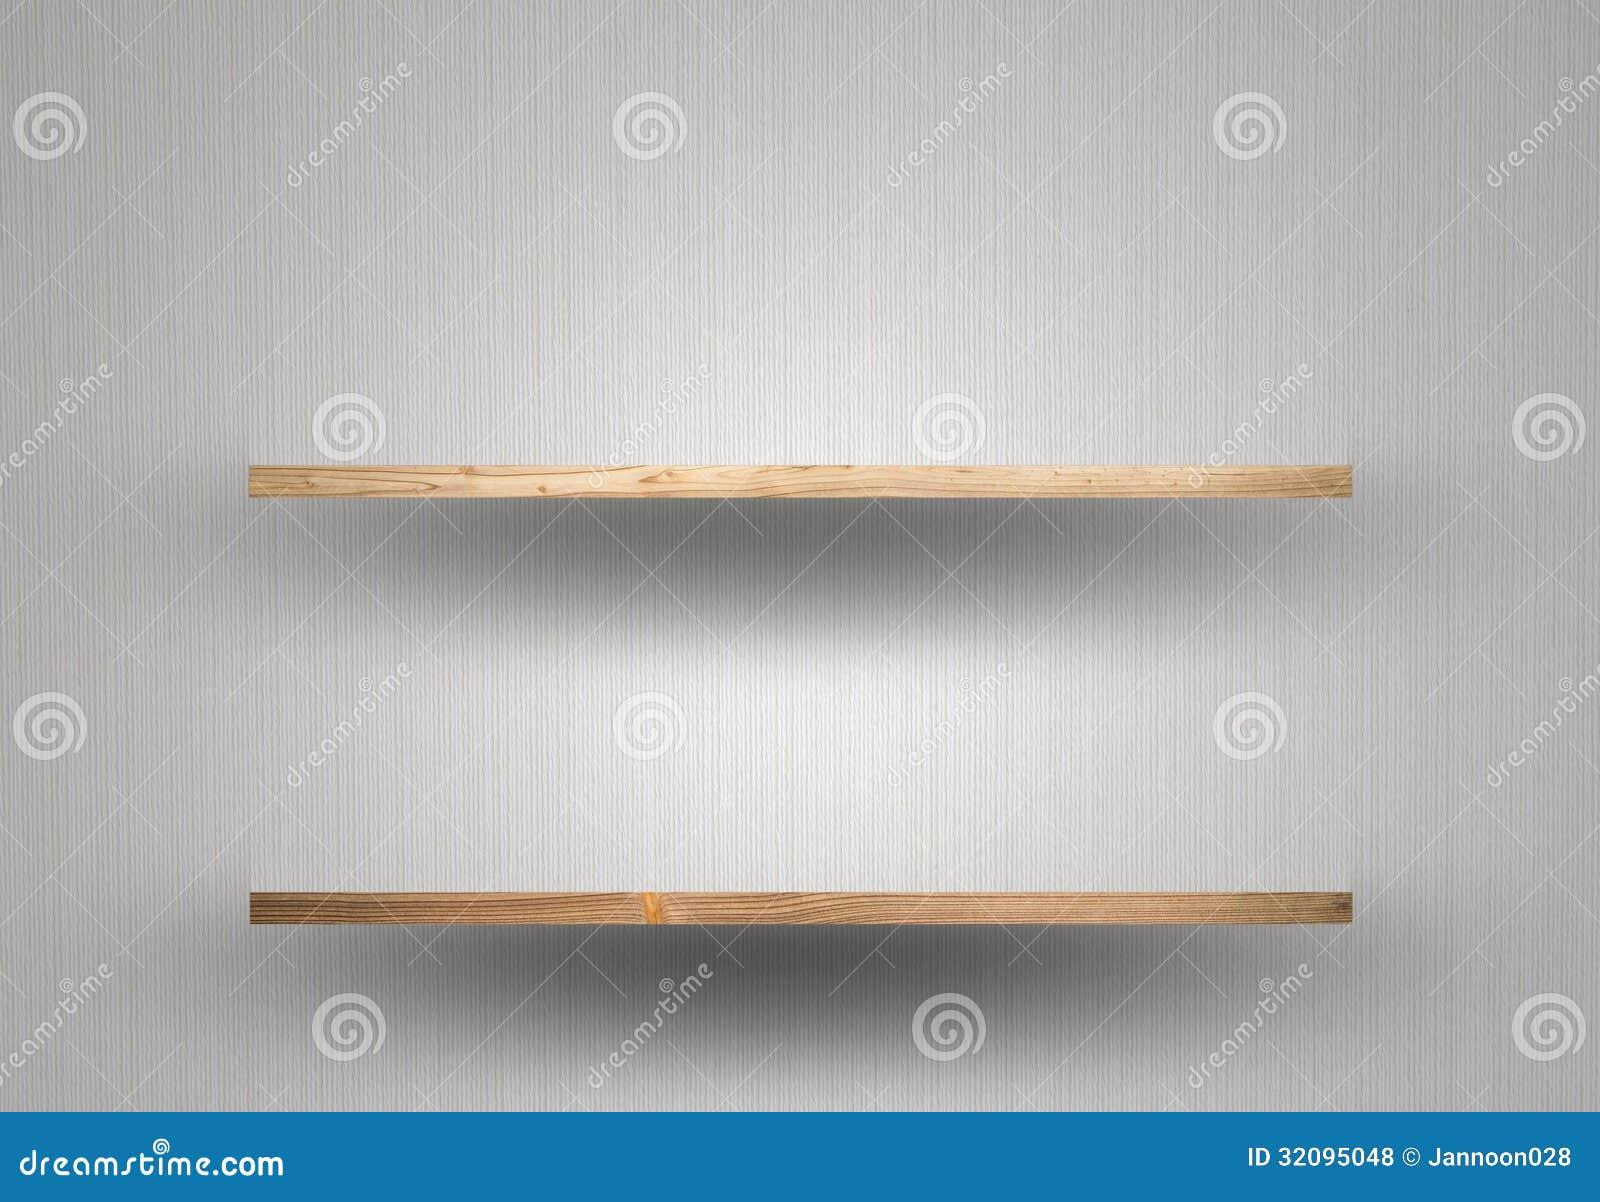 Houten Plank Voor Aan Muur.Lege Houten Plank Op Muur Stock Foto Afbeelding Bestaande Uit